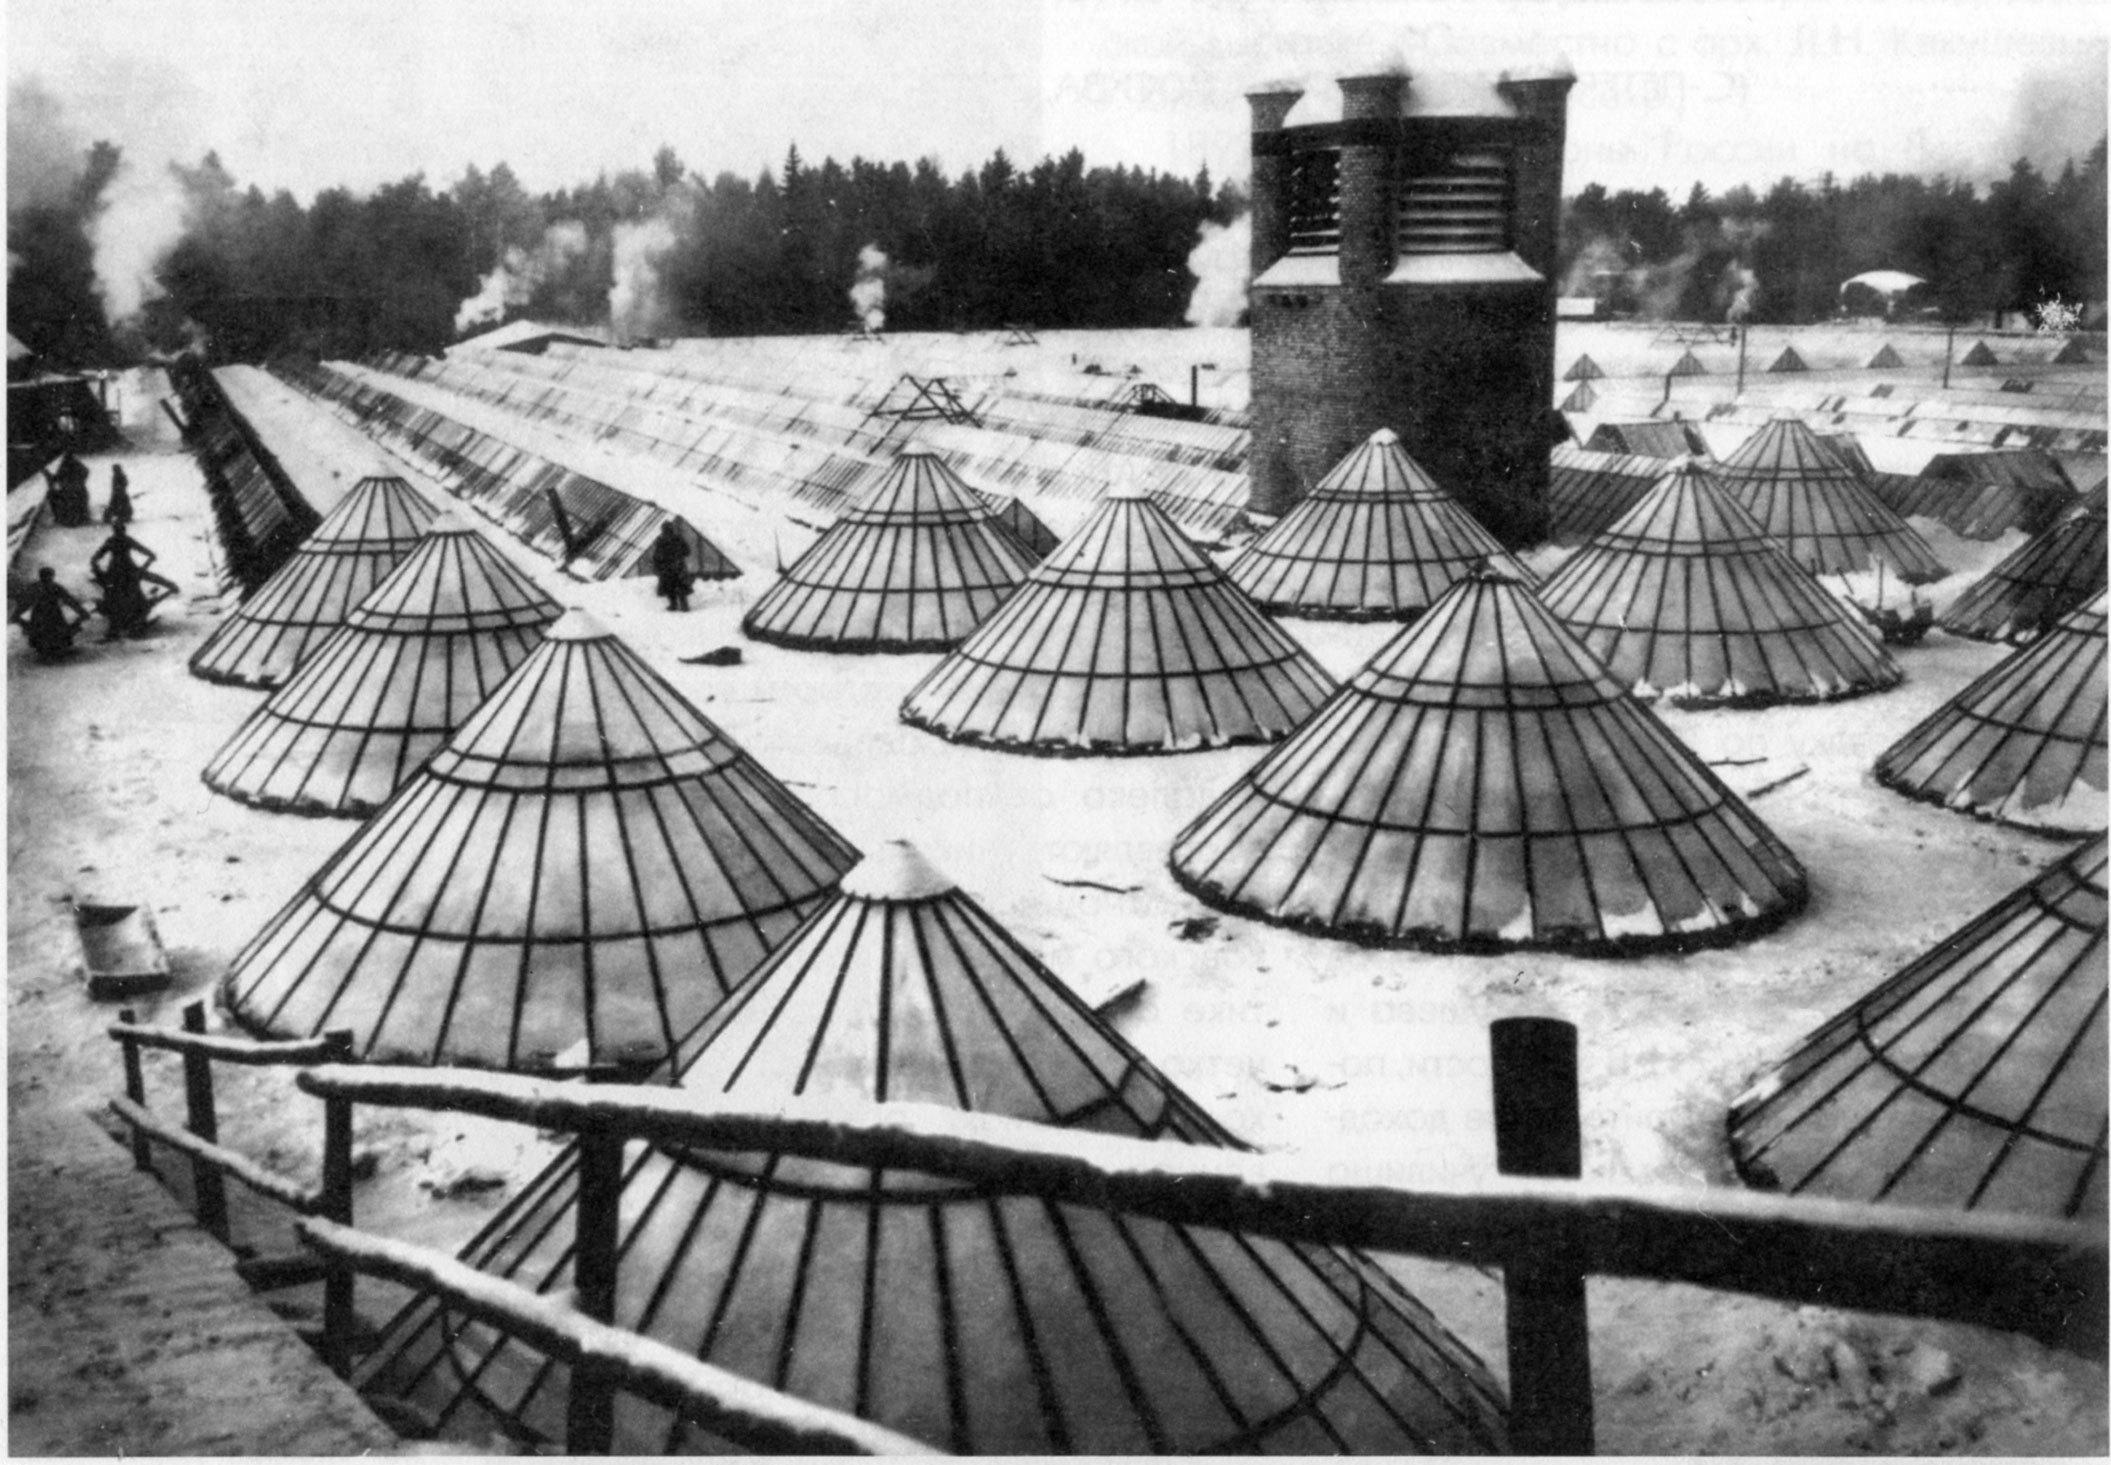 Монтаж кровли Новоткацкой фабрики Богородско-Глуховской мануфактуры. 1907